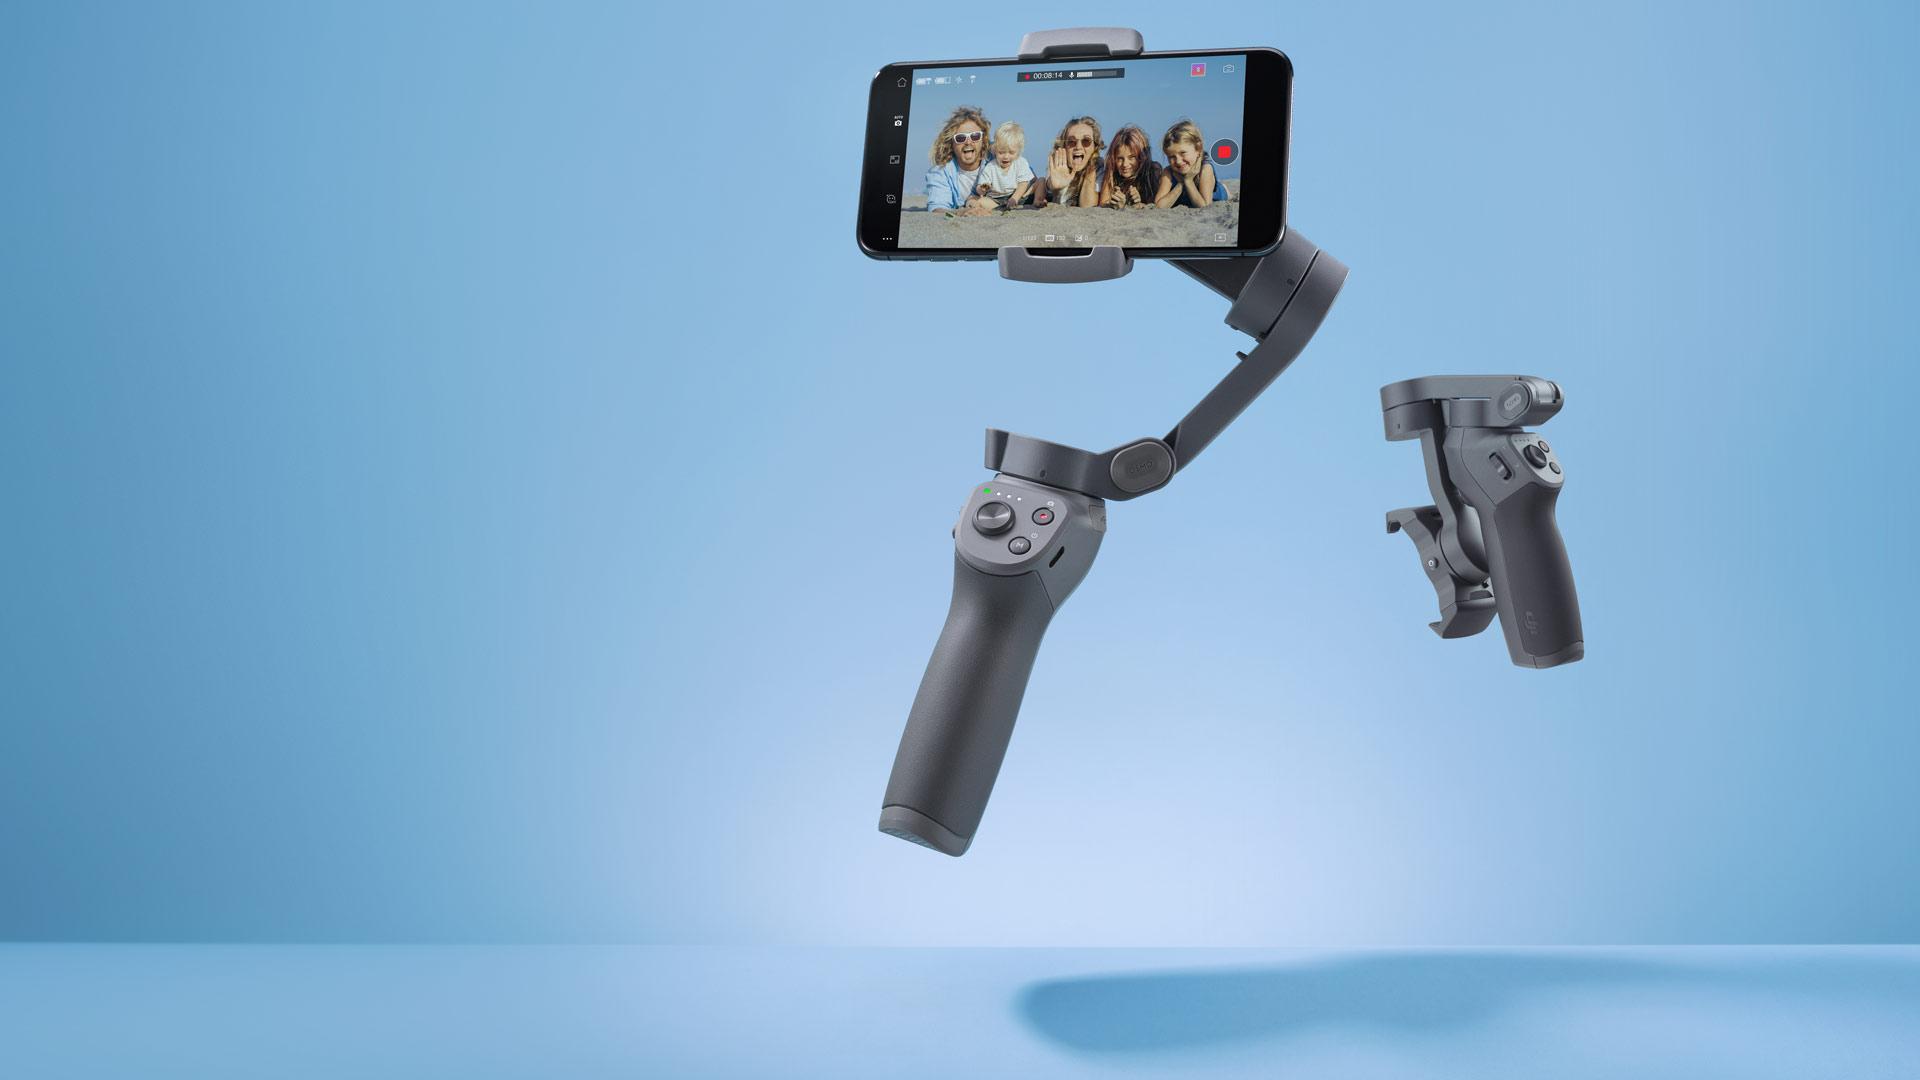 Anuncian el DJI Osmo Mobile 3 – Diseño plegable y cambio rápido entre retrato y paisaje